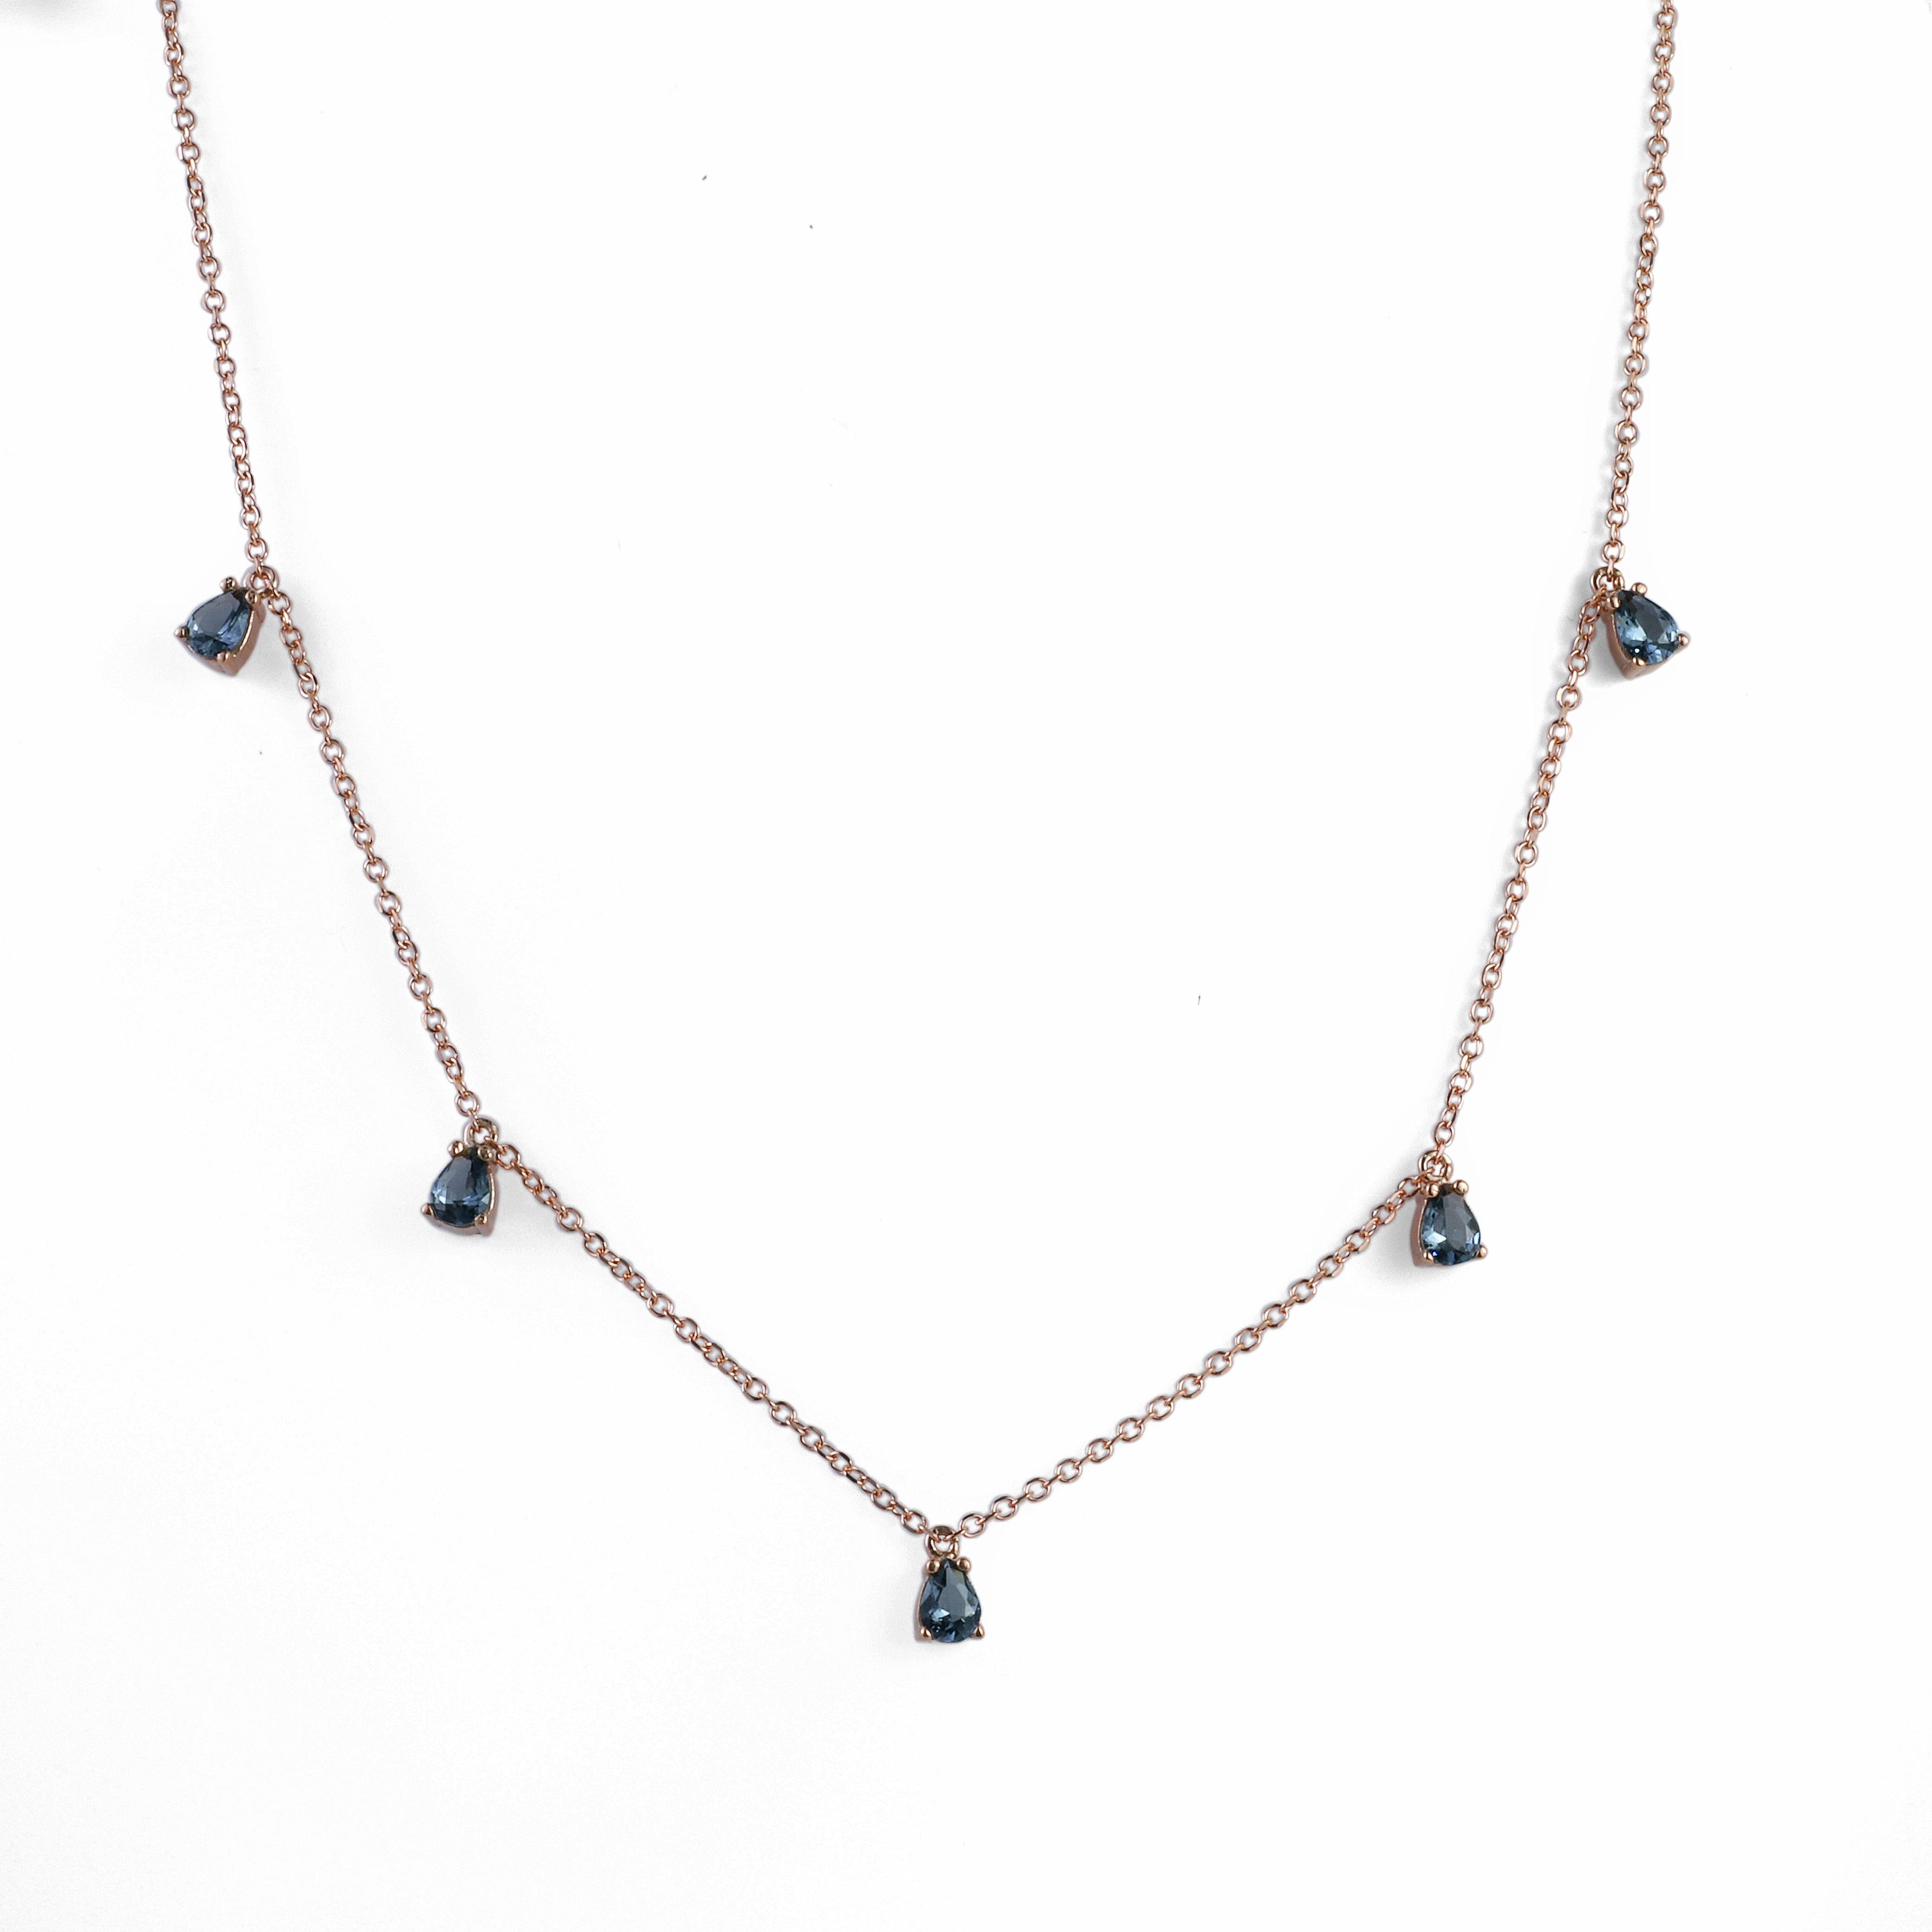 Κολιέ με Μαύρα Ζιργκόν σε Σχήμα Δάκρυ Ροζ Χρυσός Κ9 - 16066